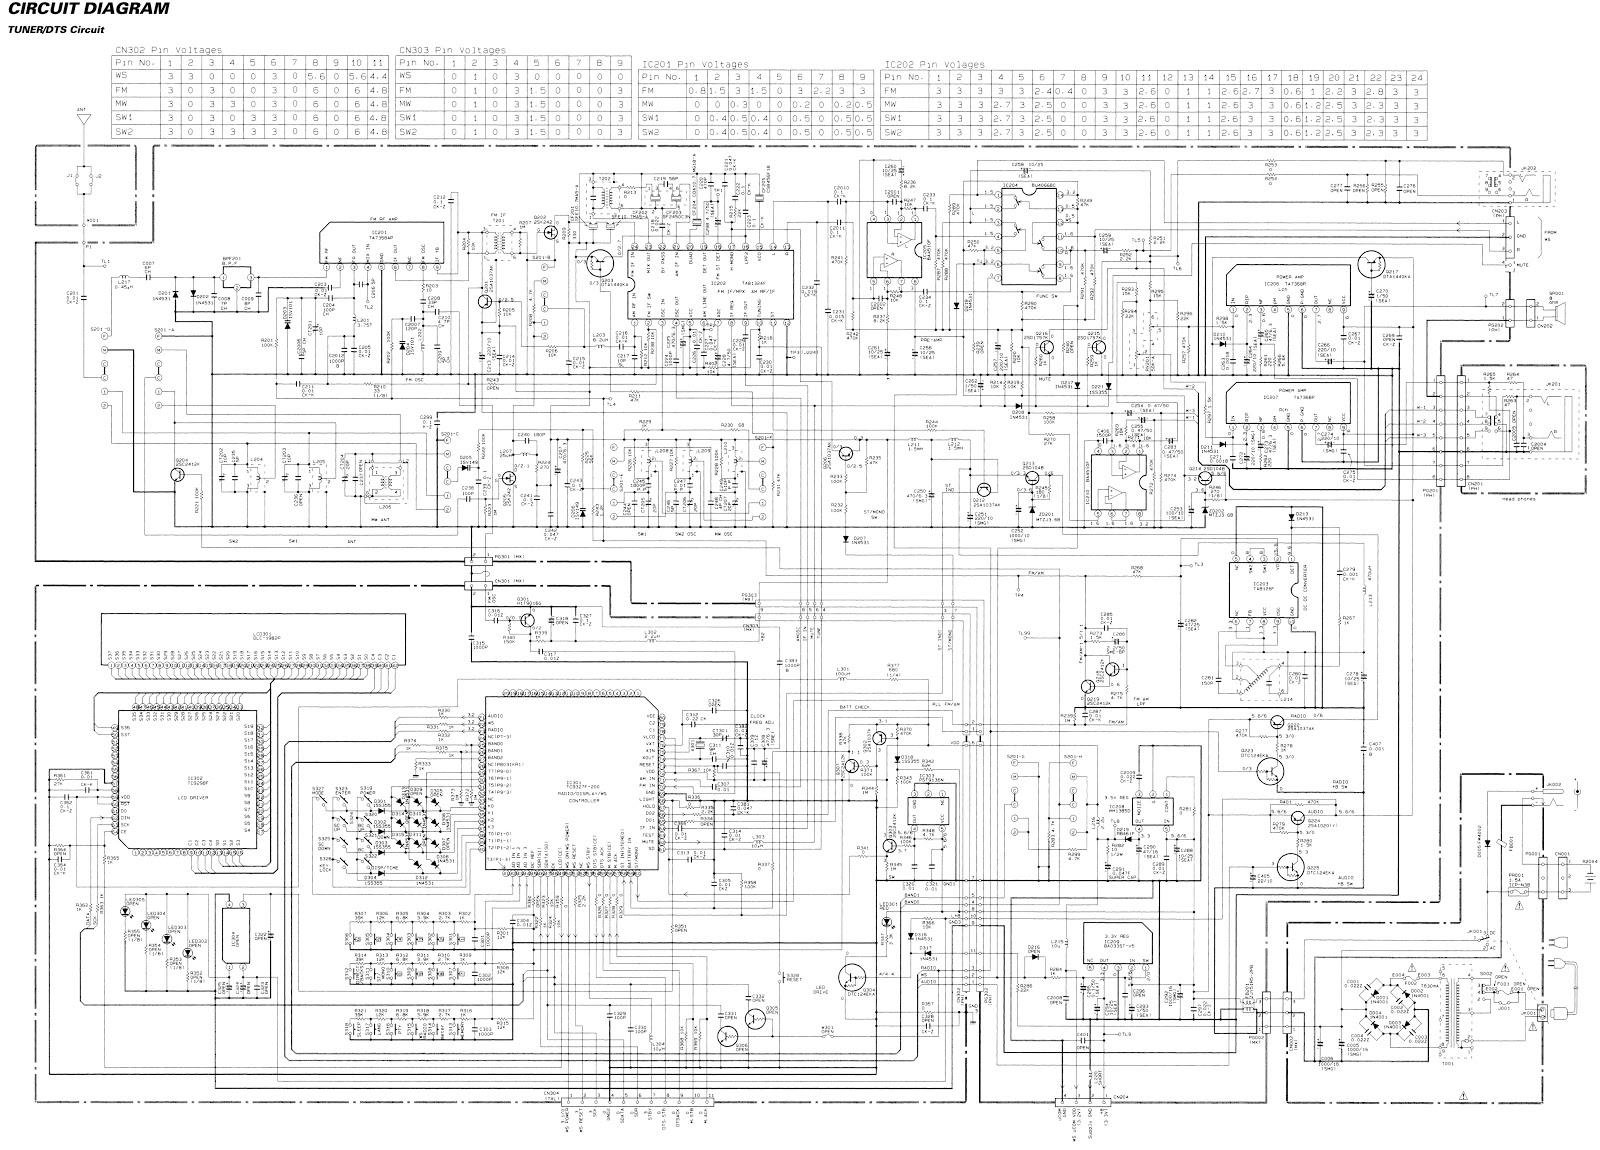 Electro help: 05/25/16